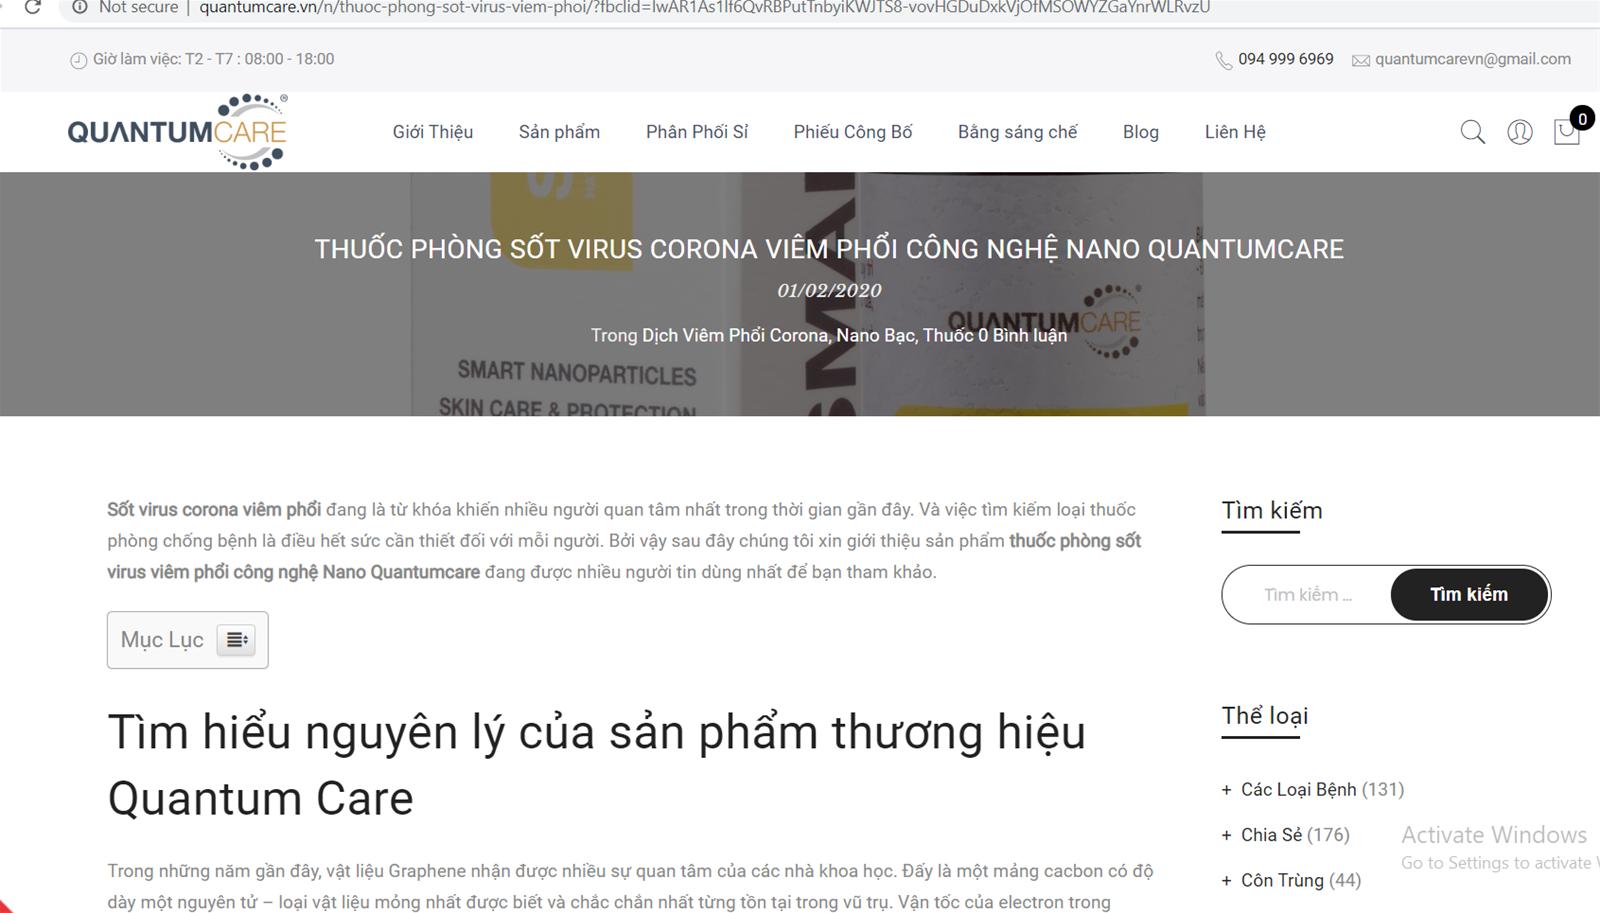 Sai phạm nối sai phạm, ResHP Việt Nam bất chấp để kinh doanh?